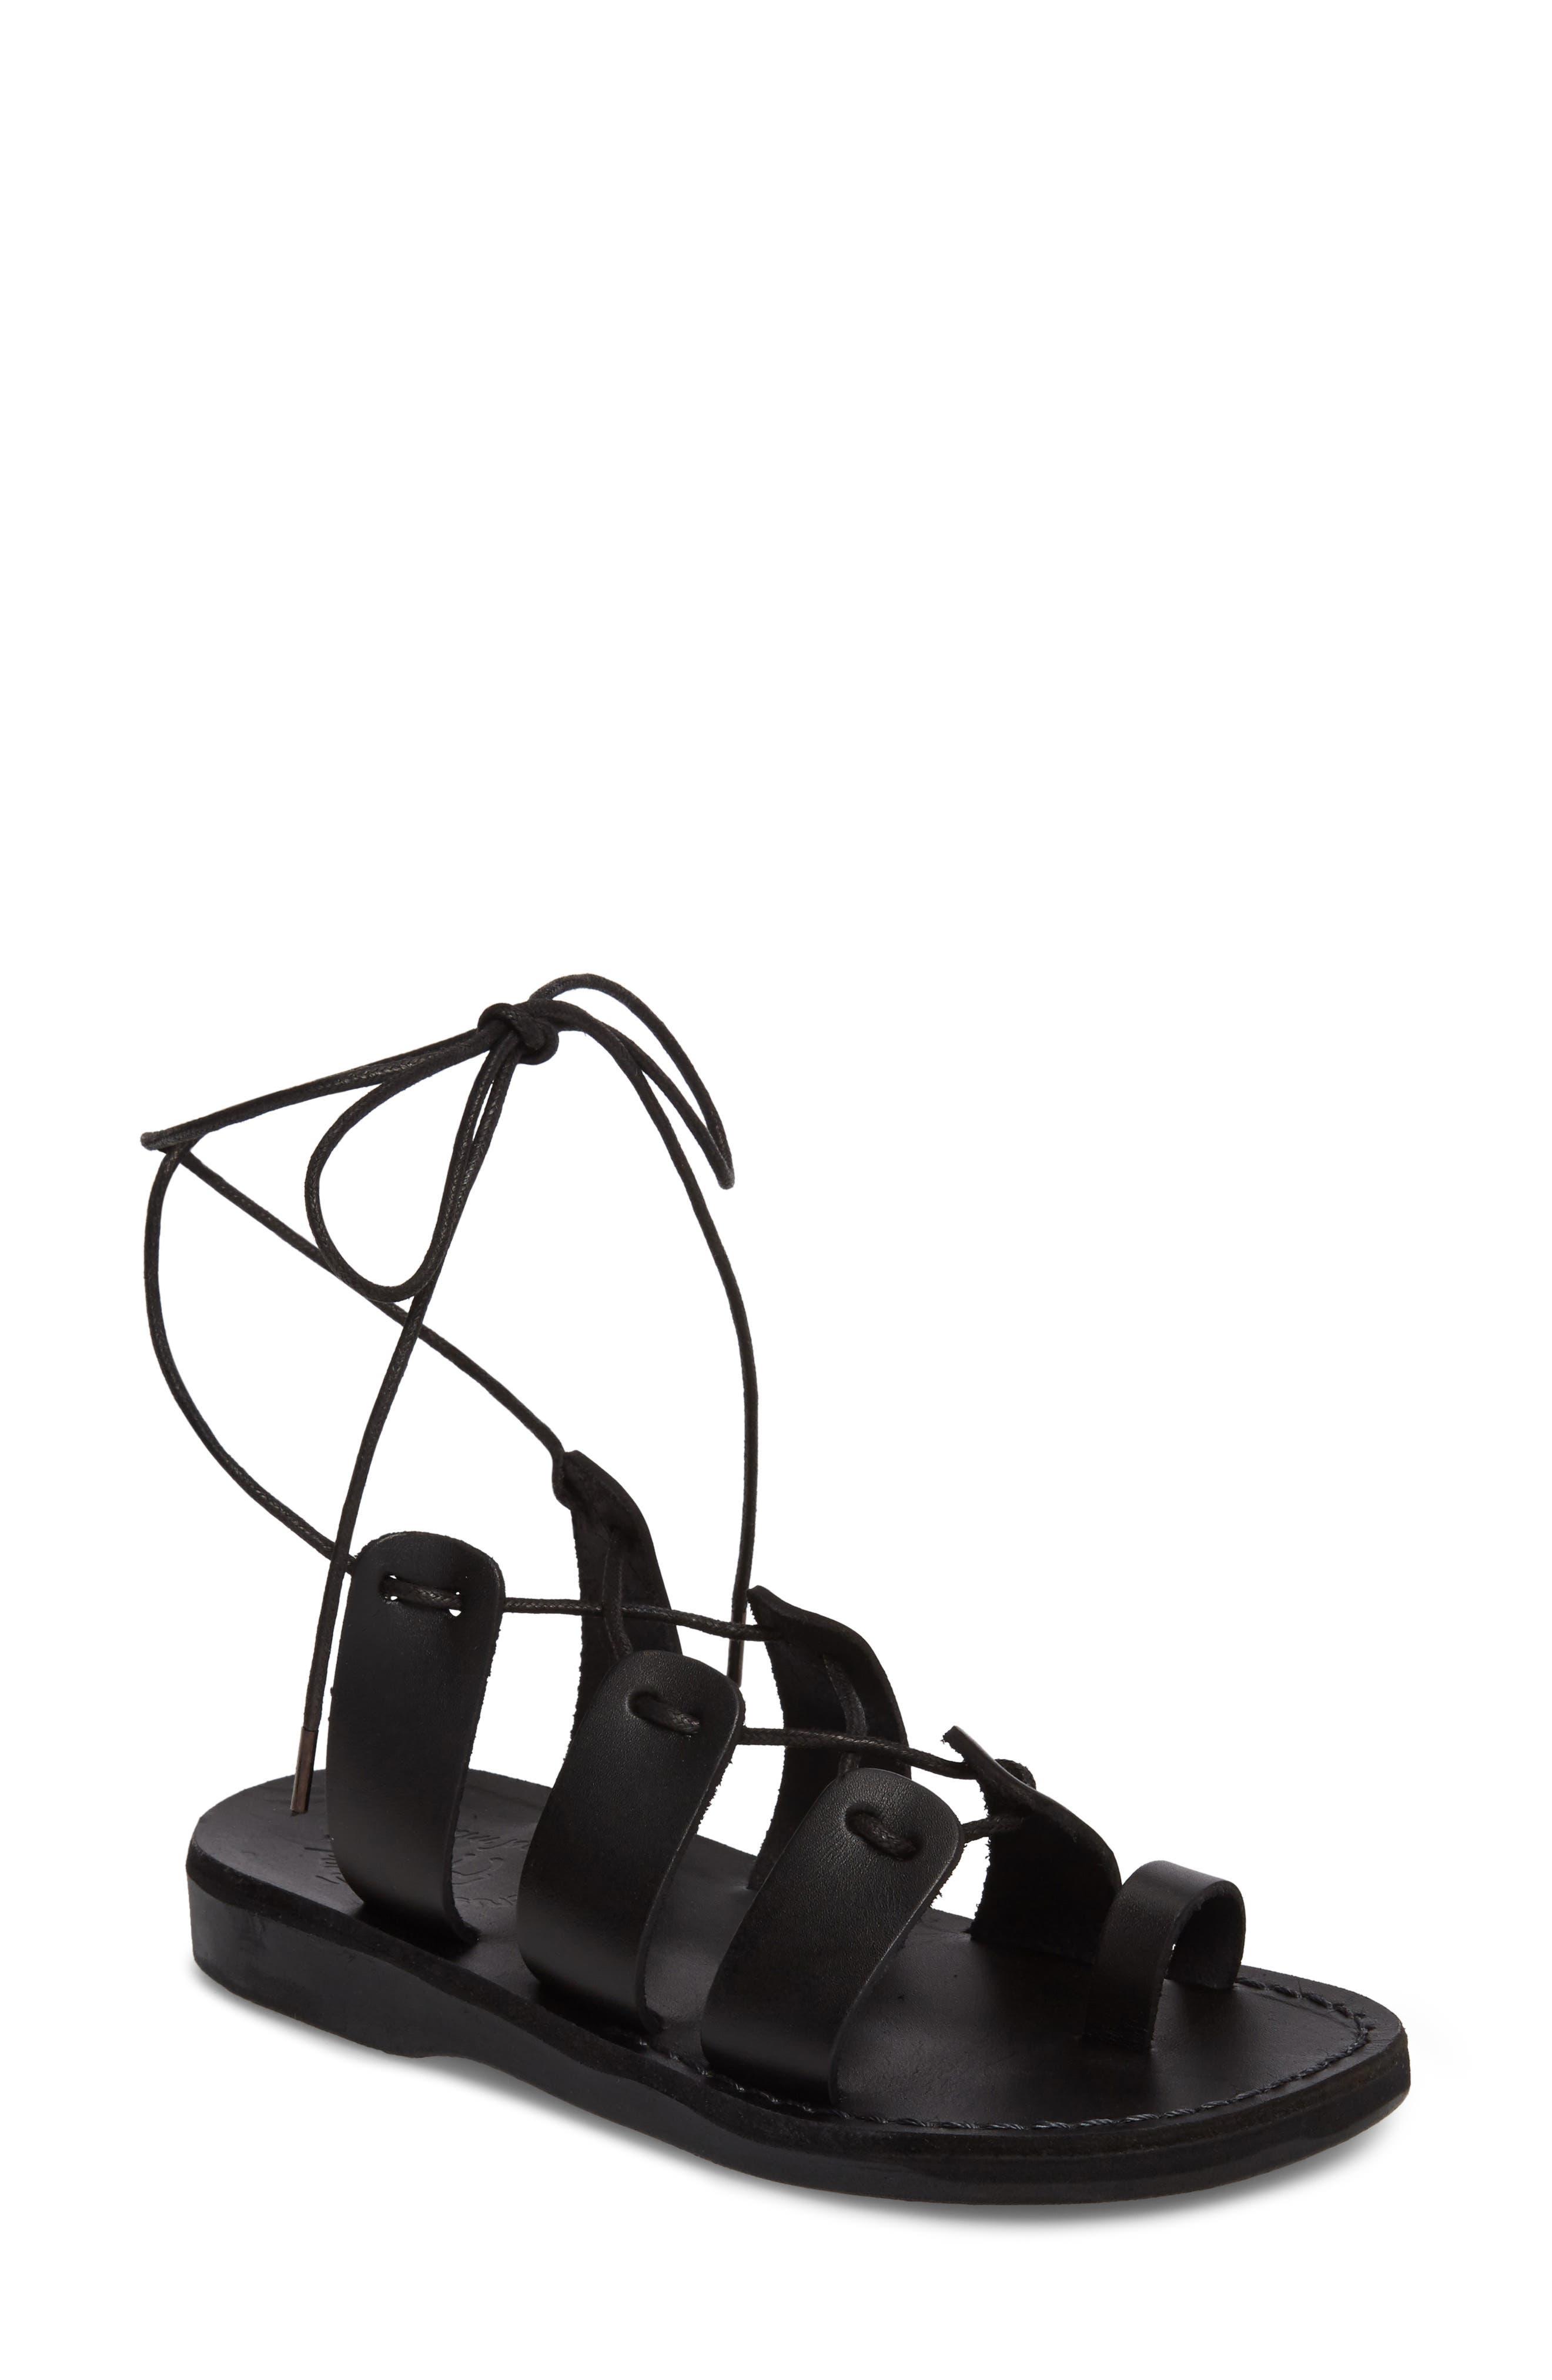 Deborah Wraparound Laces Sandal,                             Main thumbnail 1, color,                             BLACK LEATHER